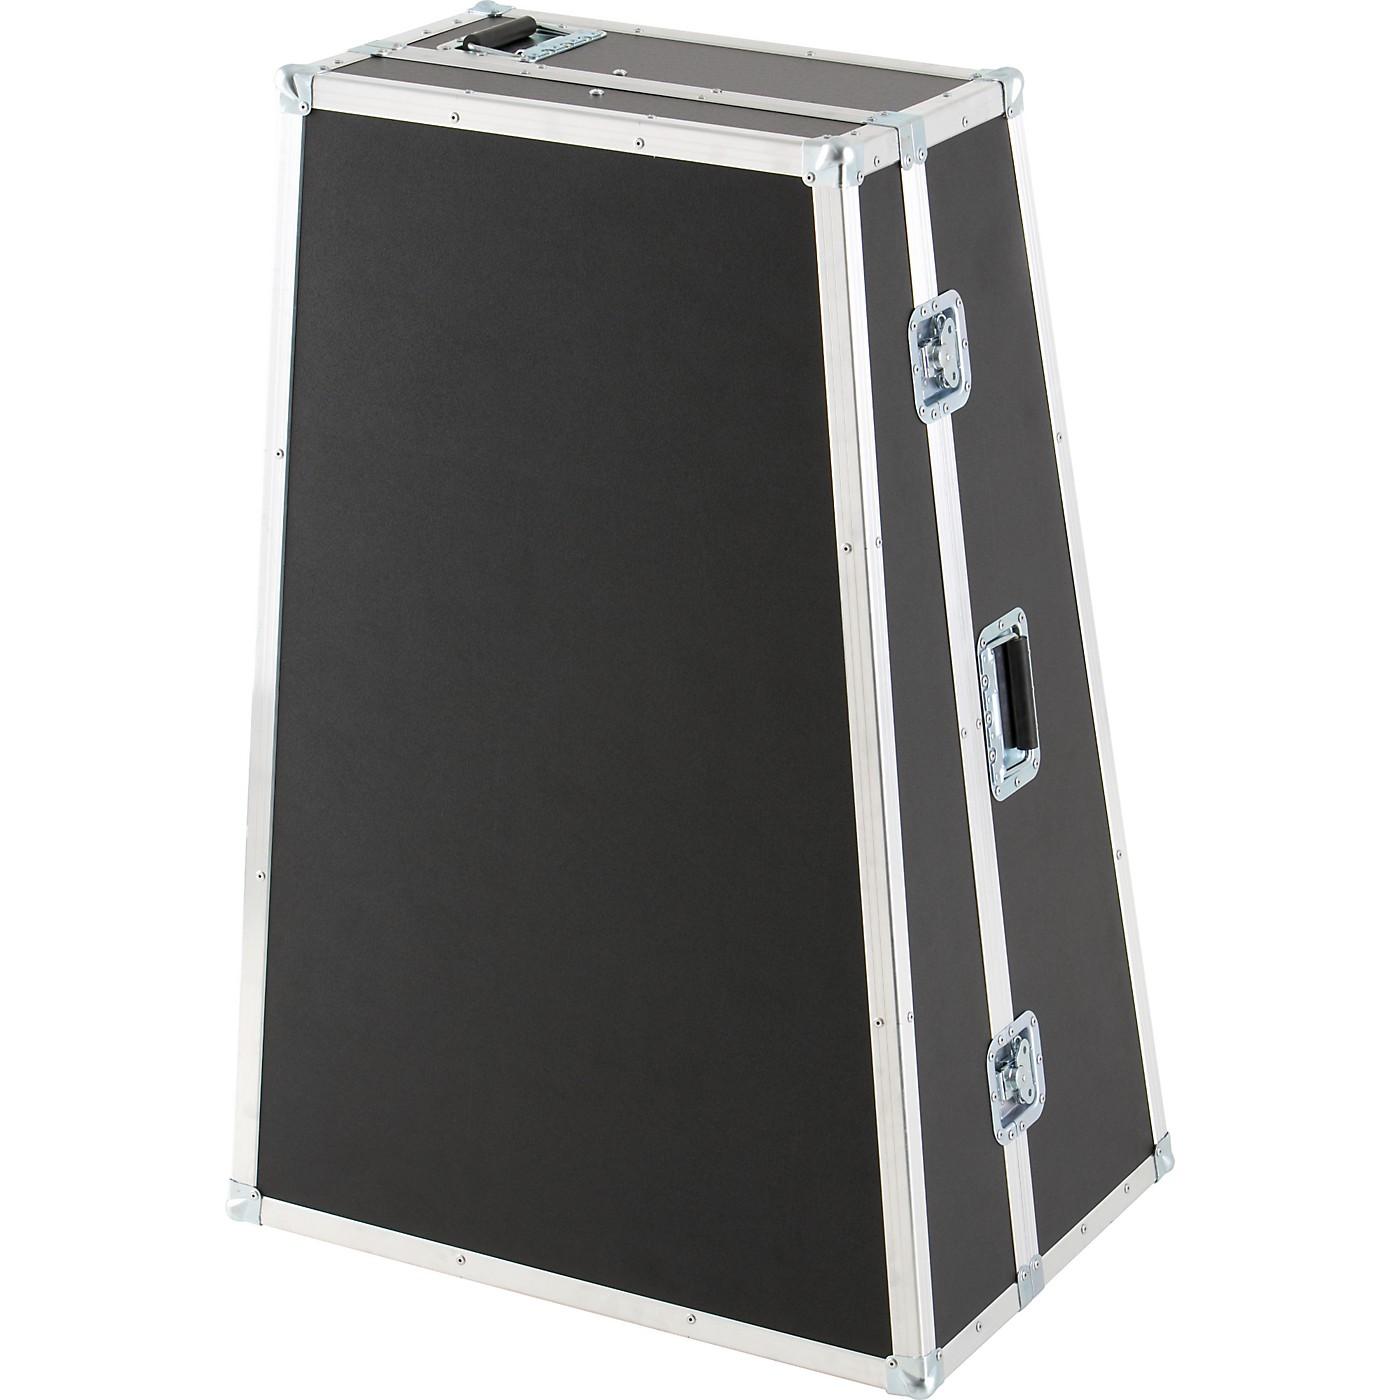 Unitec ABE Alan Baer Lightweight Series Tuba Case for Meinl Weston 6450 CC Tuba thumbnail